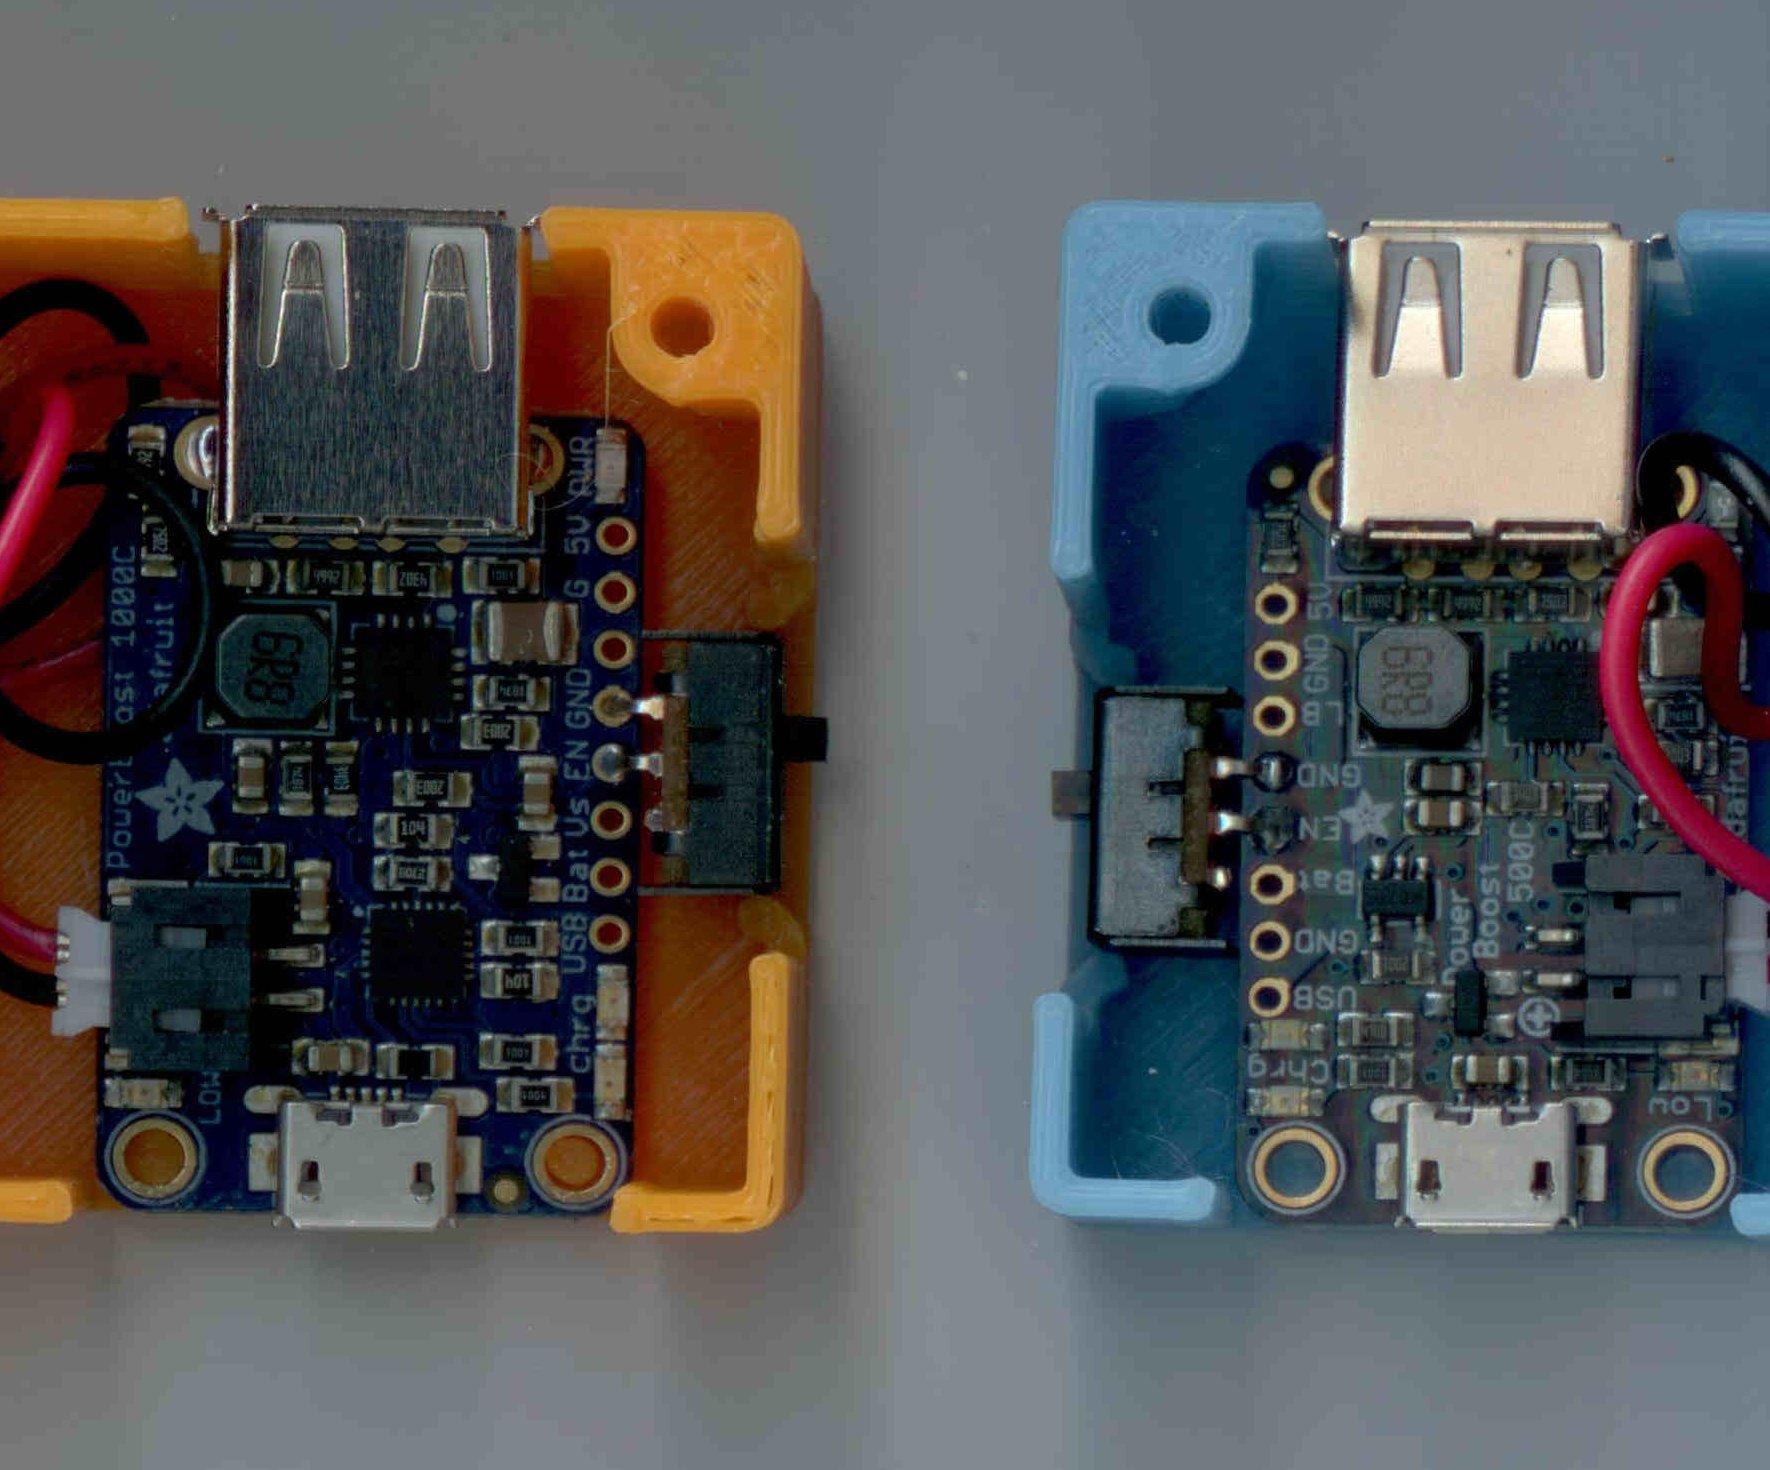 3d_printing_side-by-side.jpg